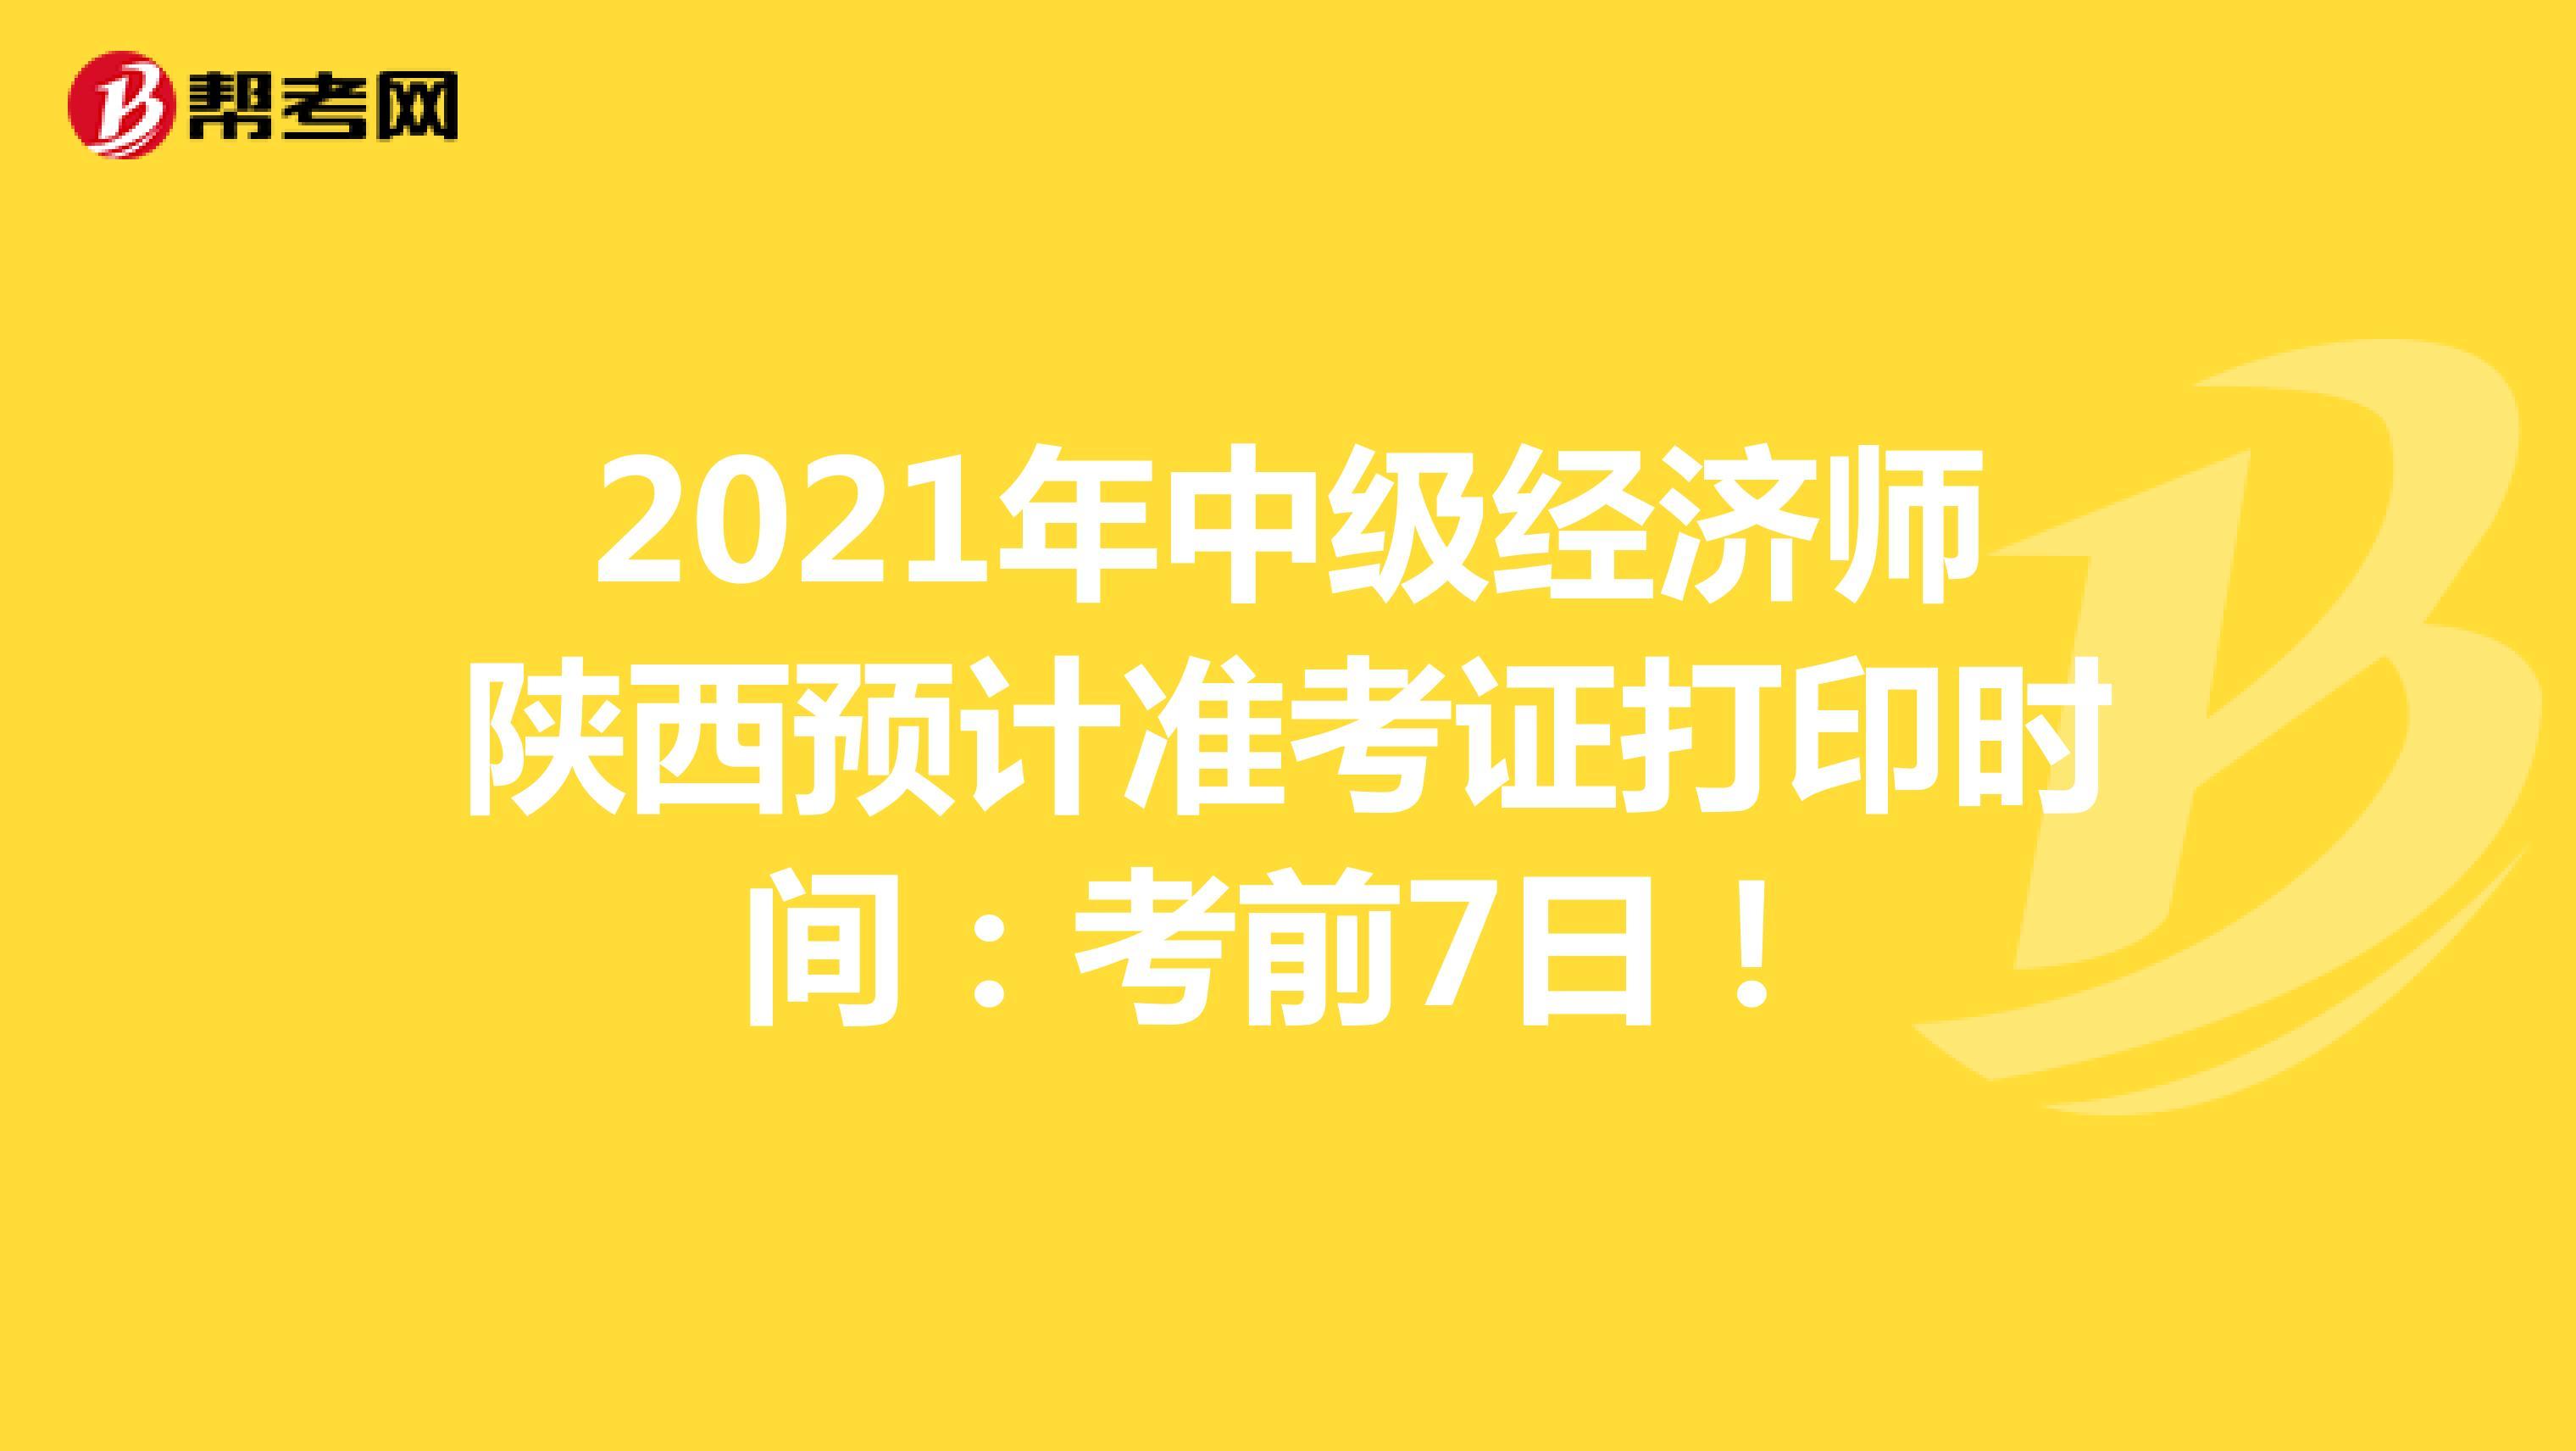 2021年中级经济师陕西准考证打印时间:考前7日!